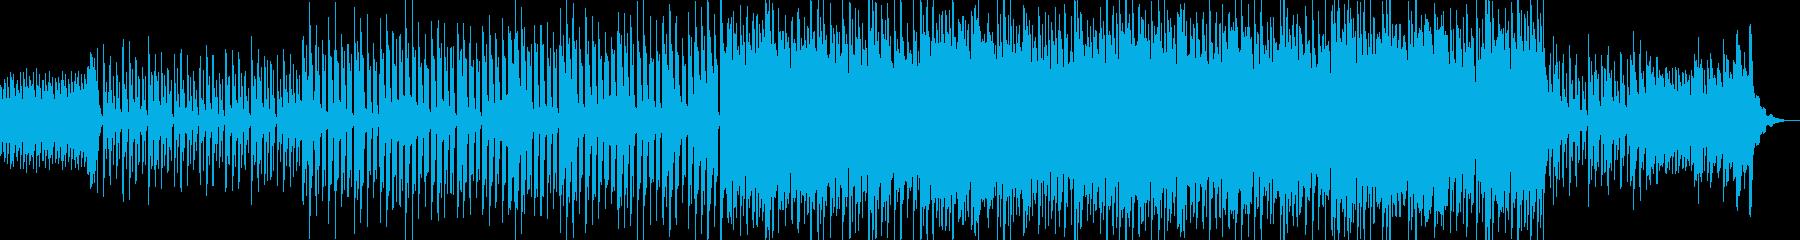 高音質♪和風で琴で明るい幻想的空間な曲の再生済みの波形